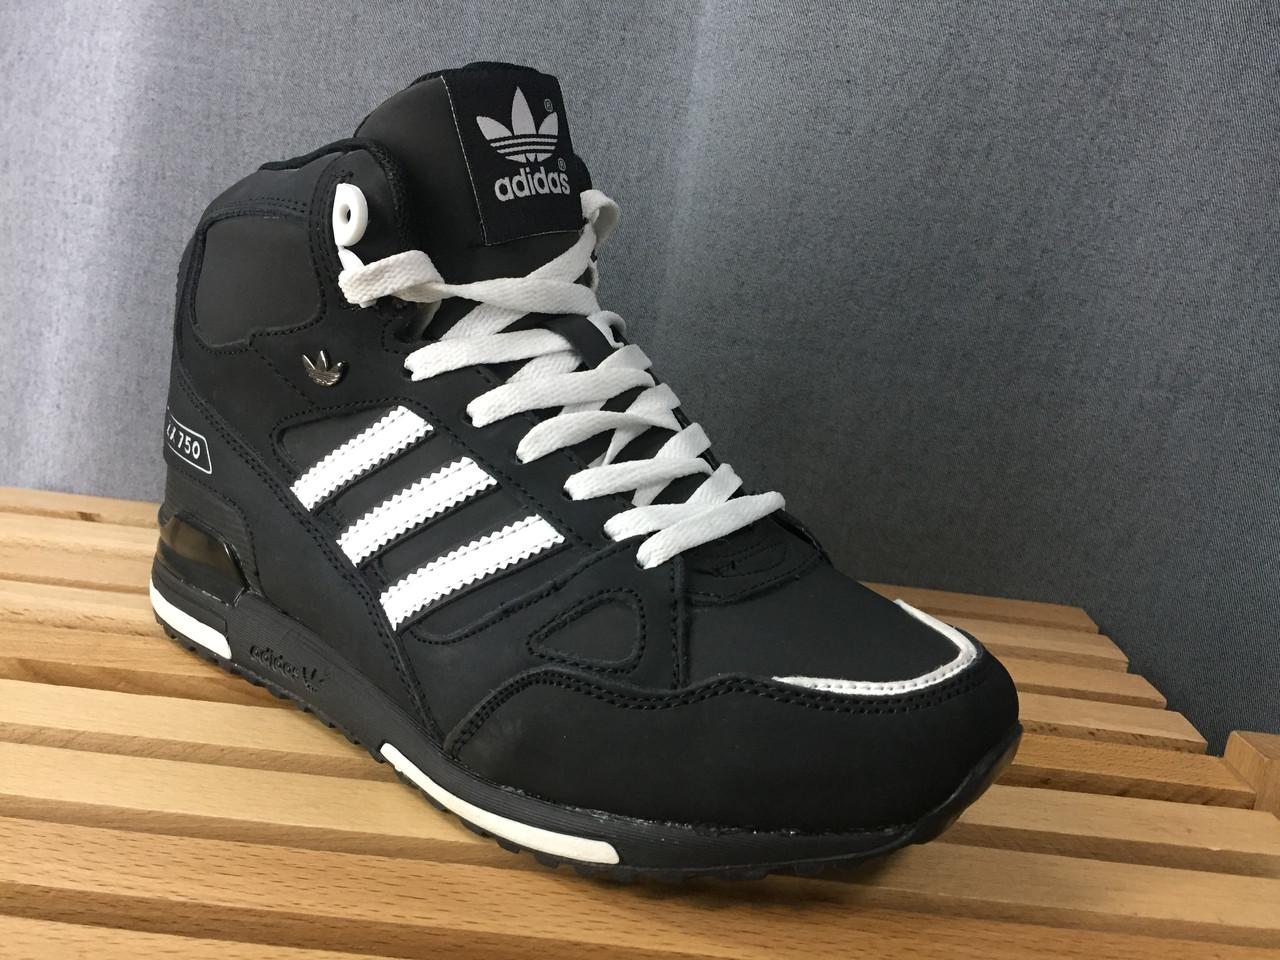 cdf6d5f151b6 Мужские зимние кроссовки Adidas ZX 750  продажа, цена в Кривом Роге ...